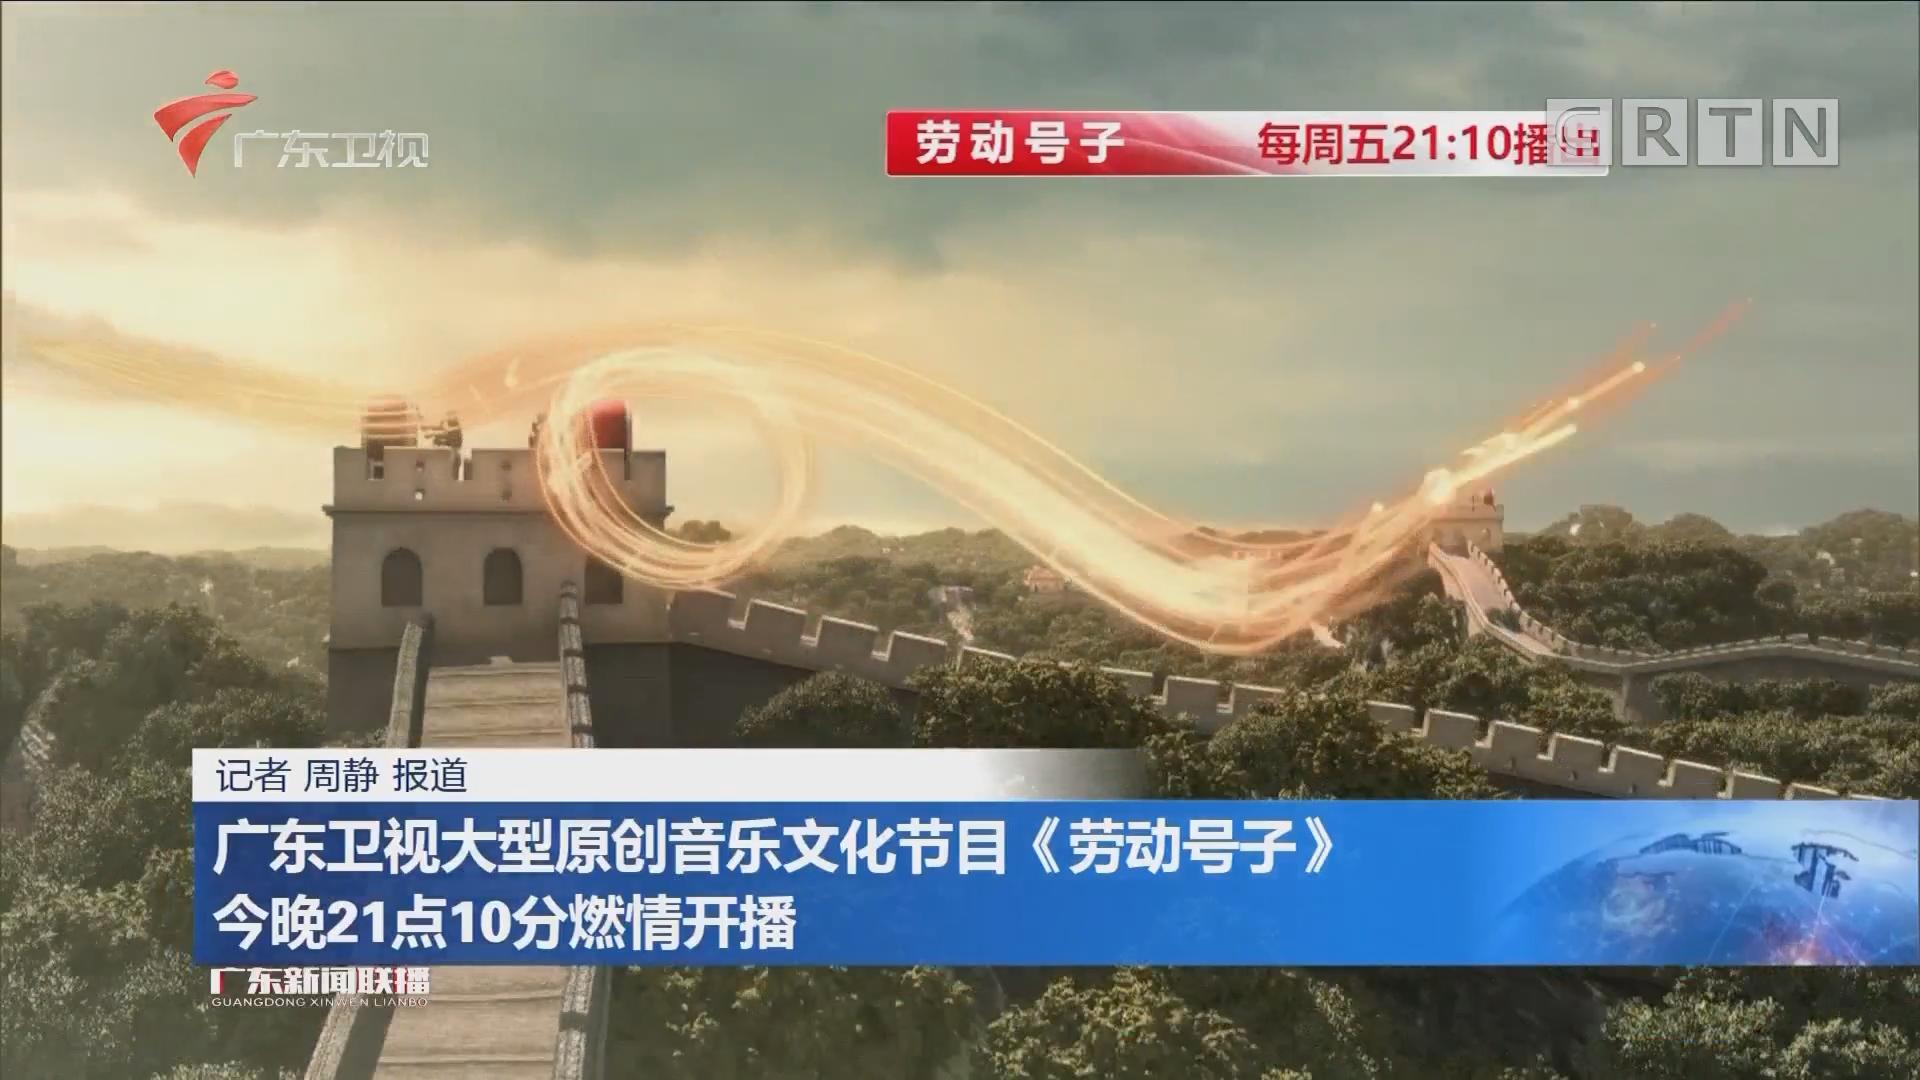 广东卫视大型原创音乐文化节目《劳动号子》 今晚21点10分燃情开播